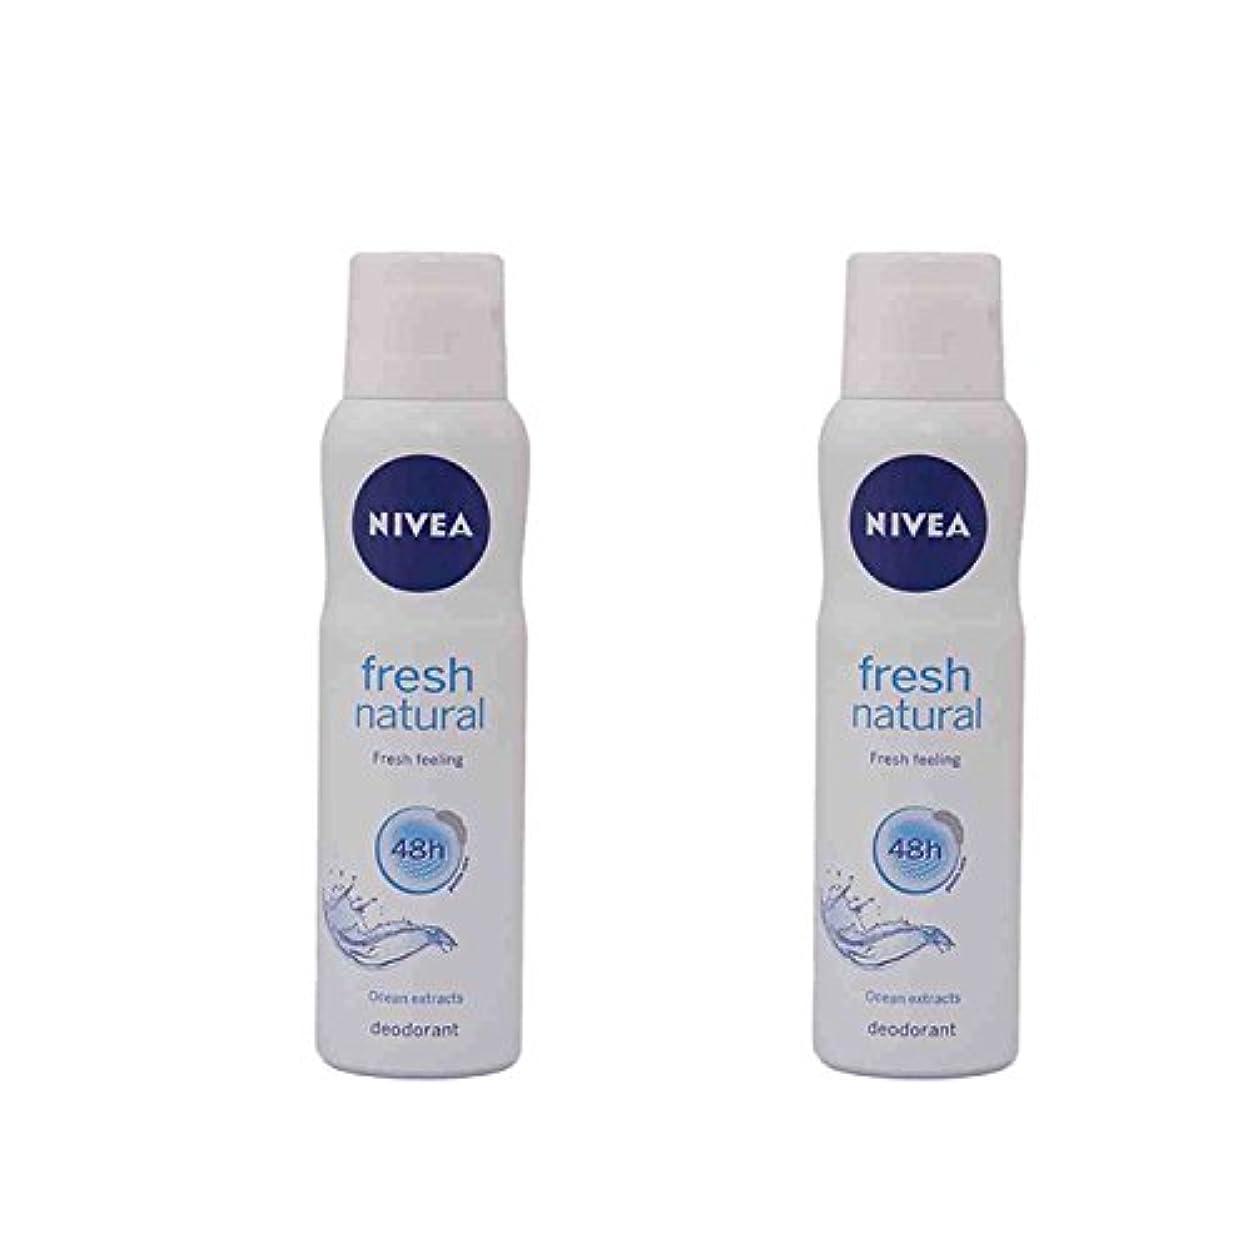 ヘリコプター注釈ドメイン2 Lots X Nivea For Women Fresh Natural Deodorant, 150ml - 並行輸入品 - 2ロットXニベア女性用フレッシュナチュラルデオドラント、150ml